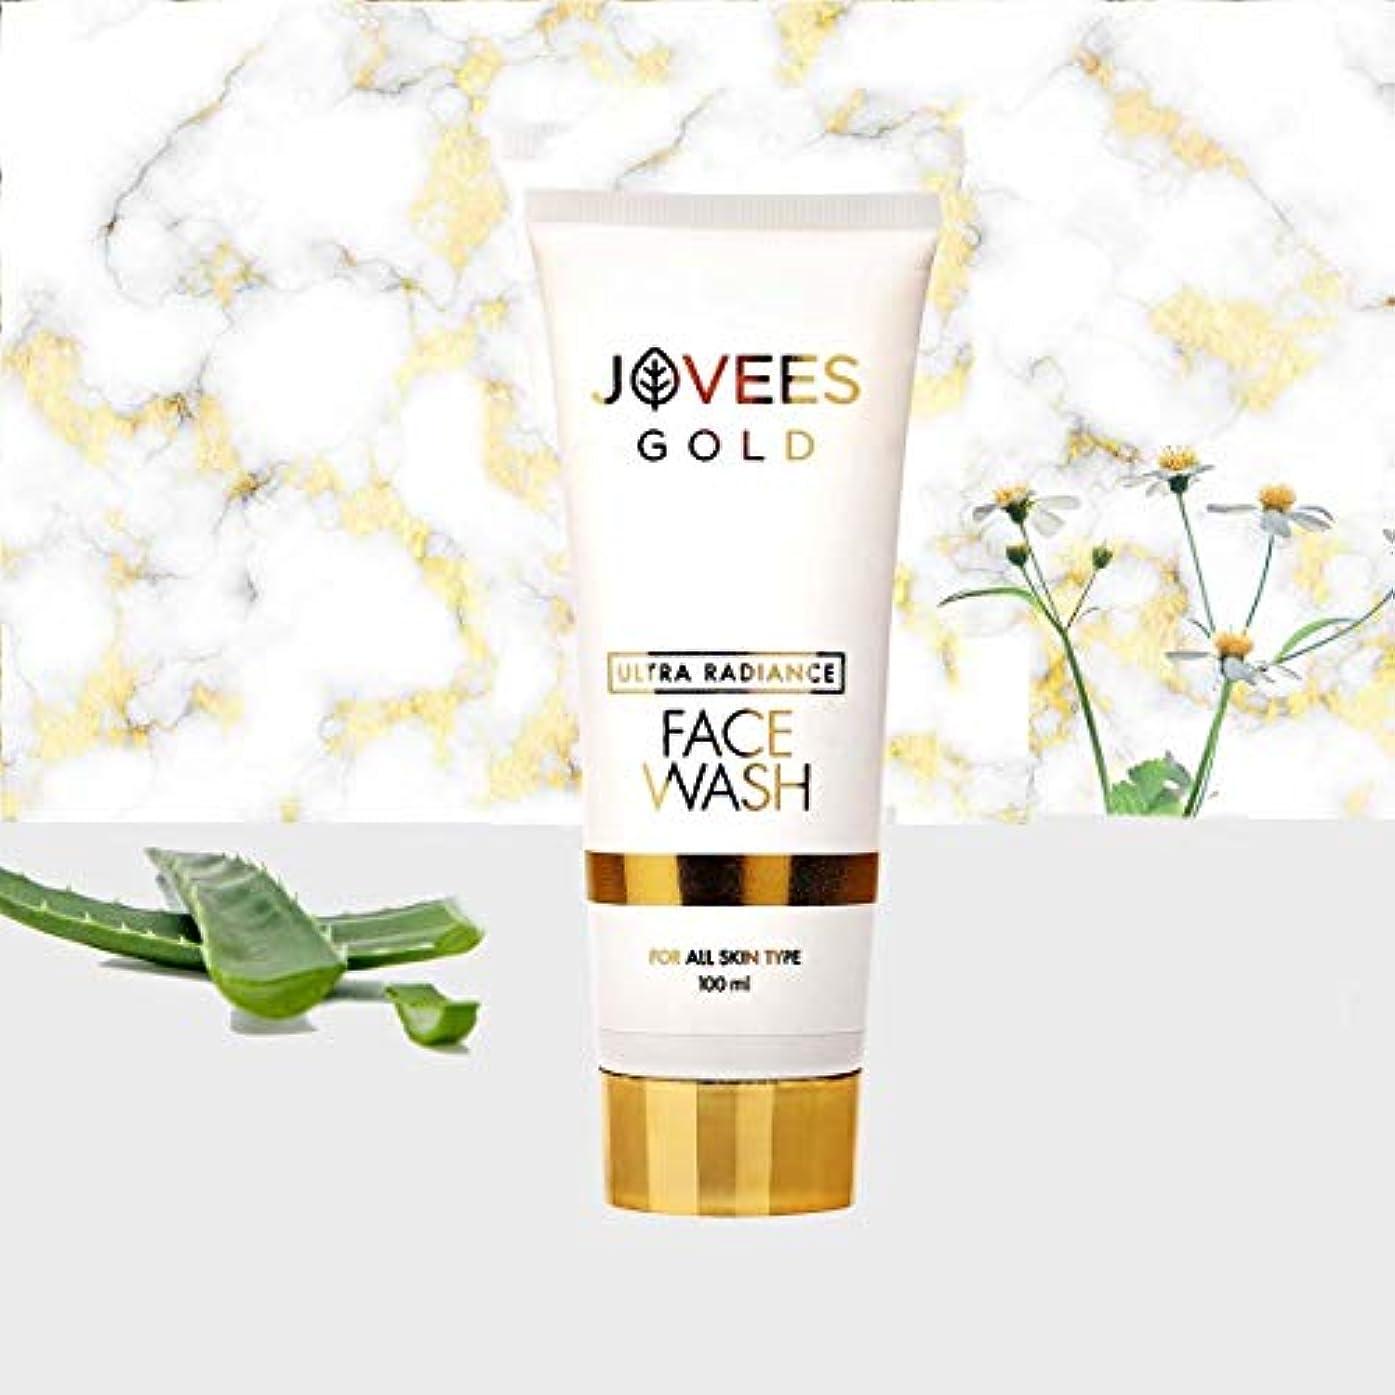 無意味運動する掻くJovees Ultra Radiance 24K Gold Face Wash 100ml to help bring glow and radiance 輝きと輝きをもたらすのを助けるためにJovees Ultra...